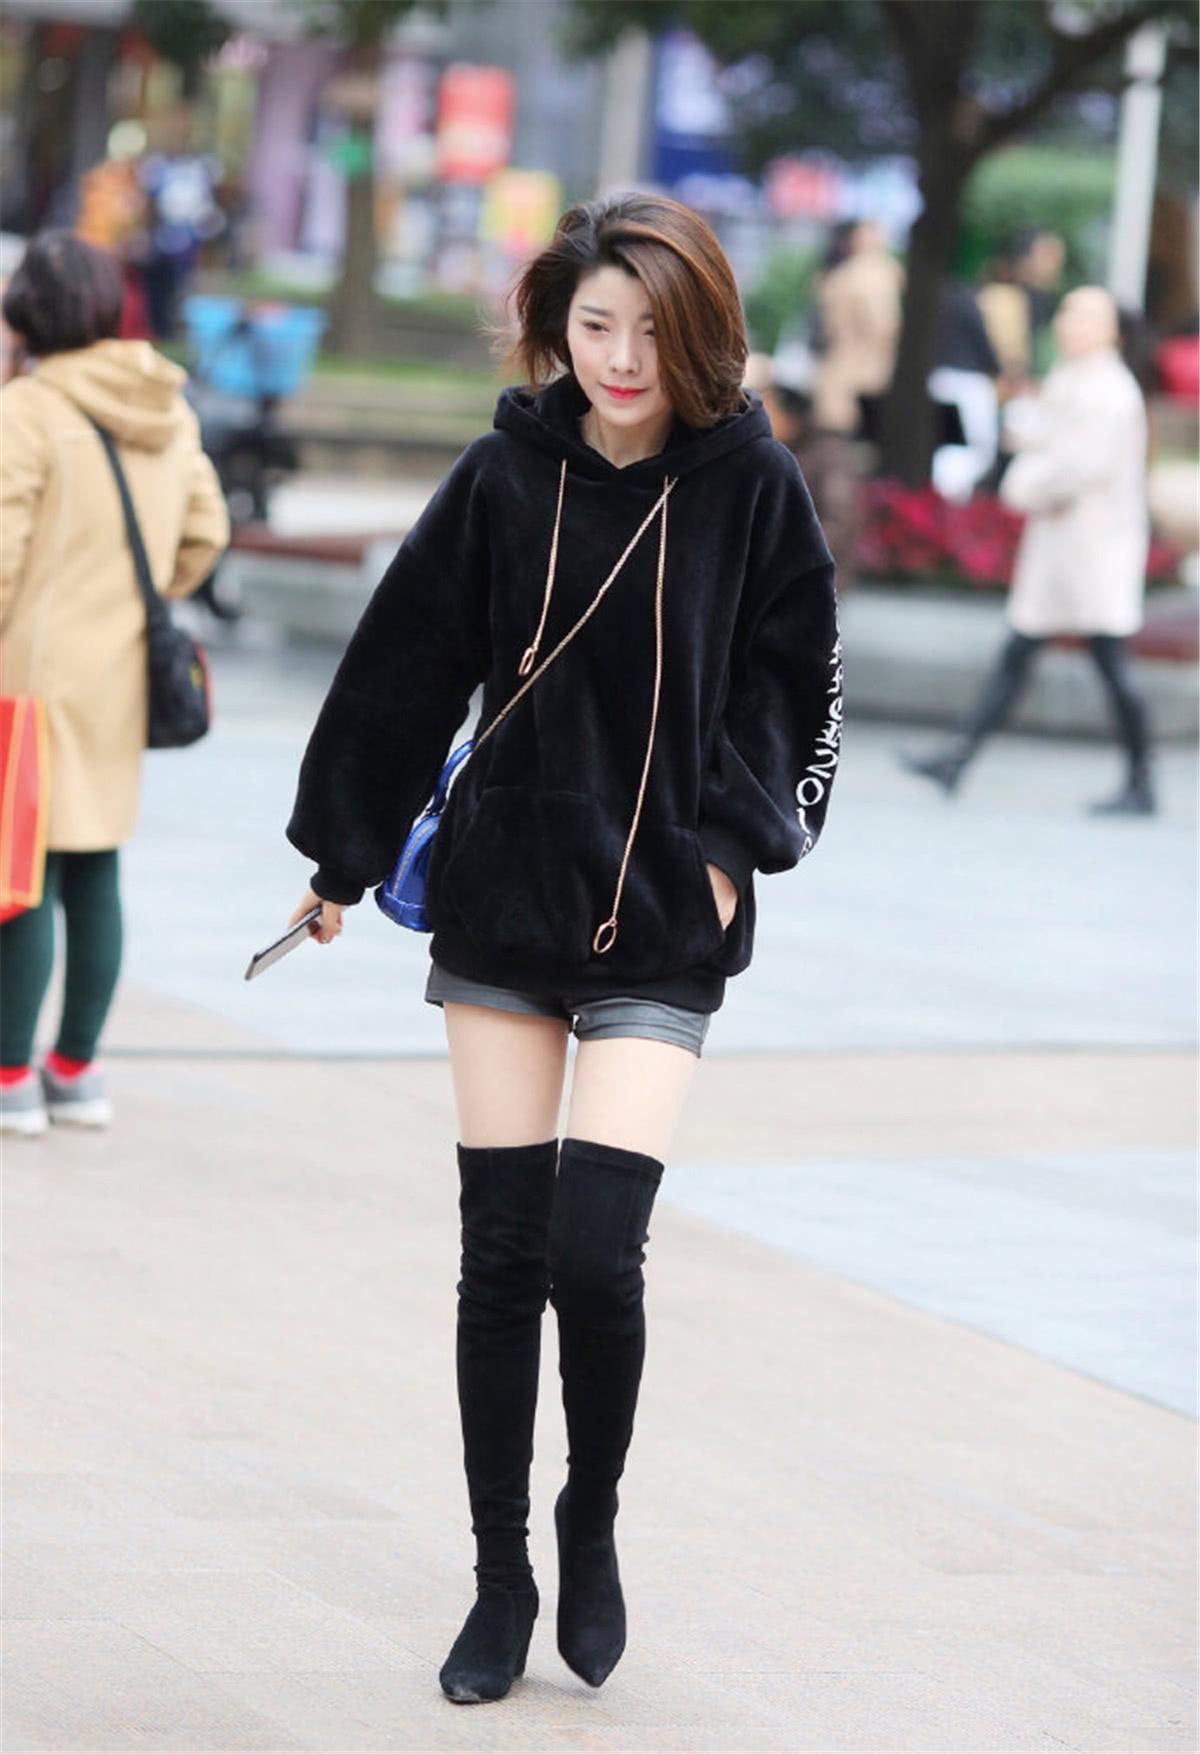 """路人街拍:短发小姐姐脚踩""""及膝鞋"""",走在街上时髦又养眼!"""